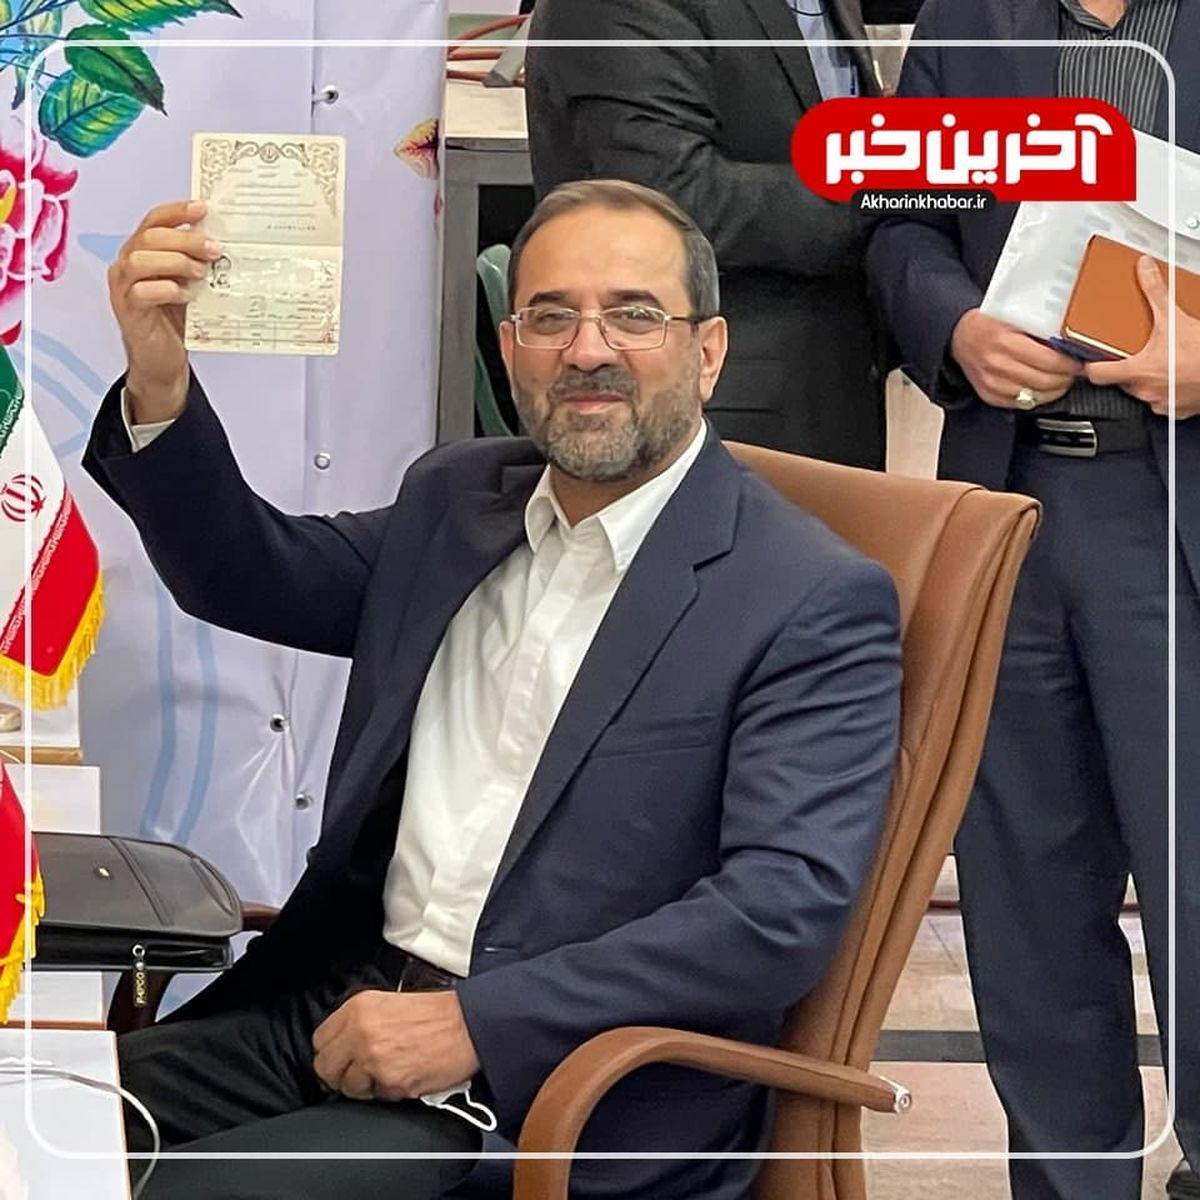 وزیر احمدینژاد به نفع رئیسی کنار کشید